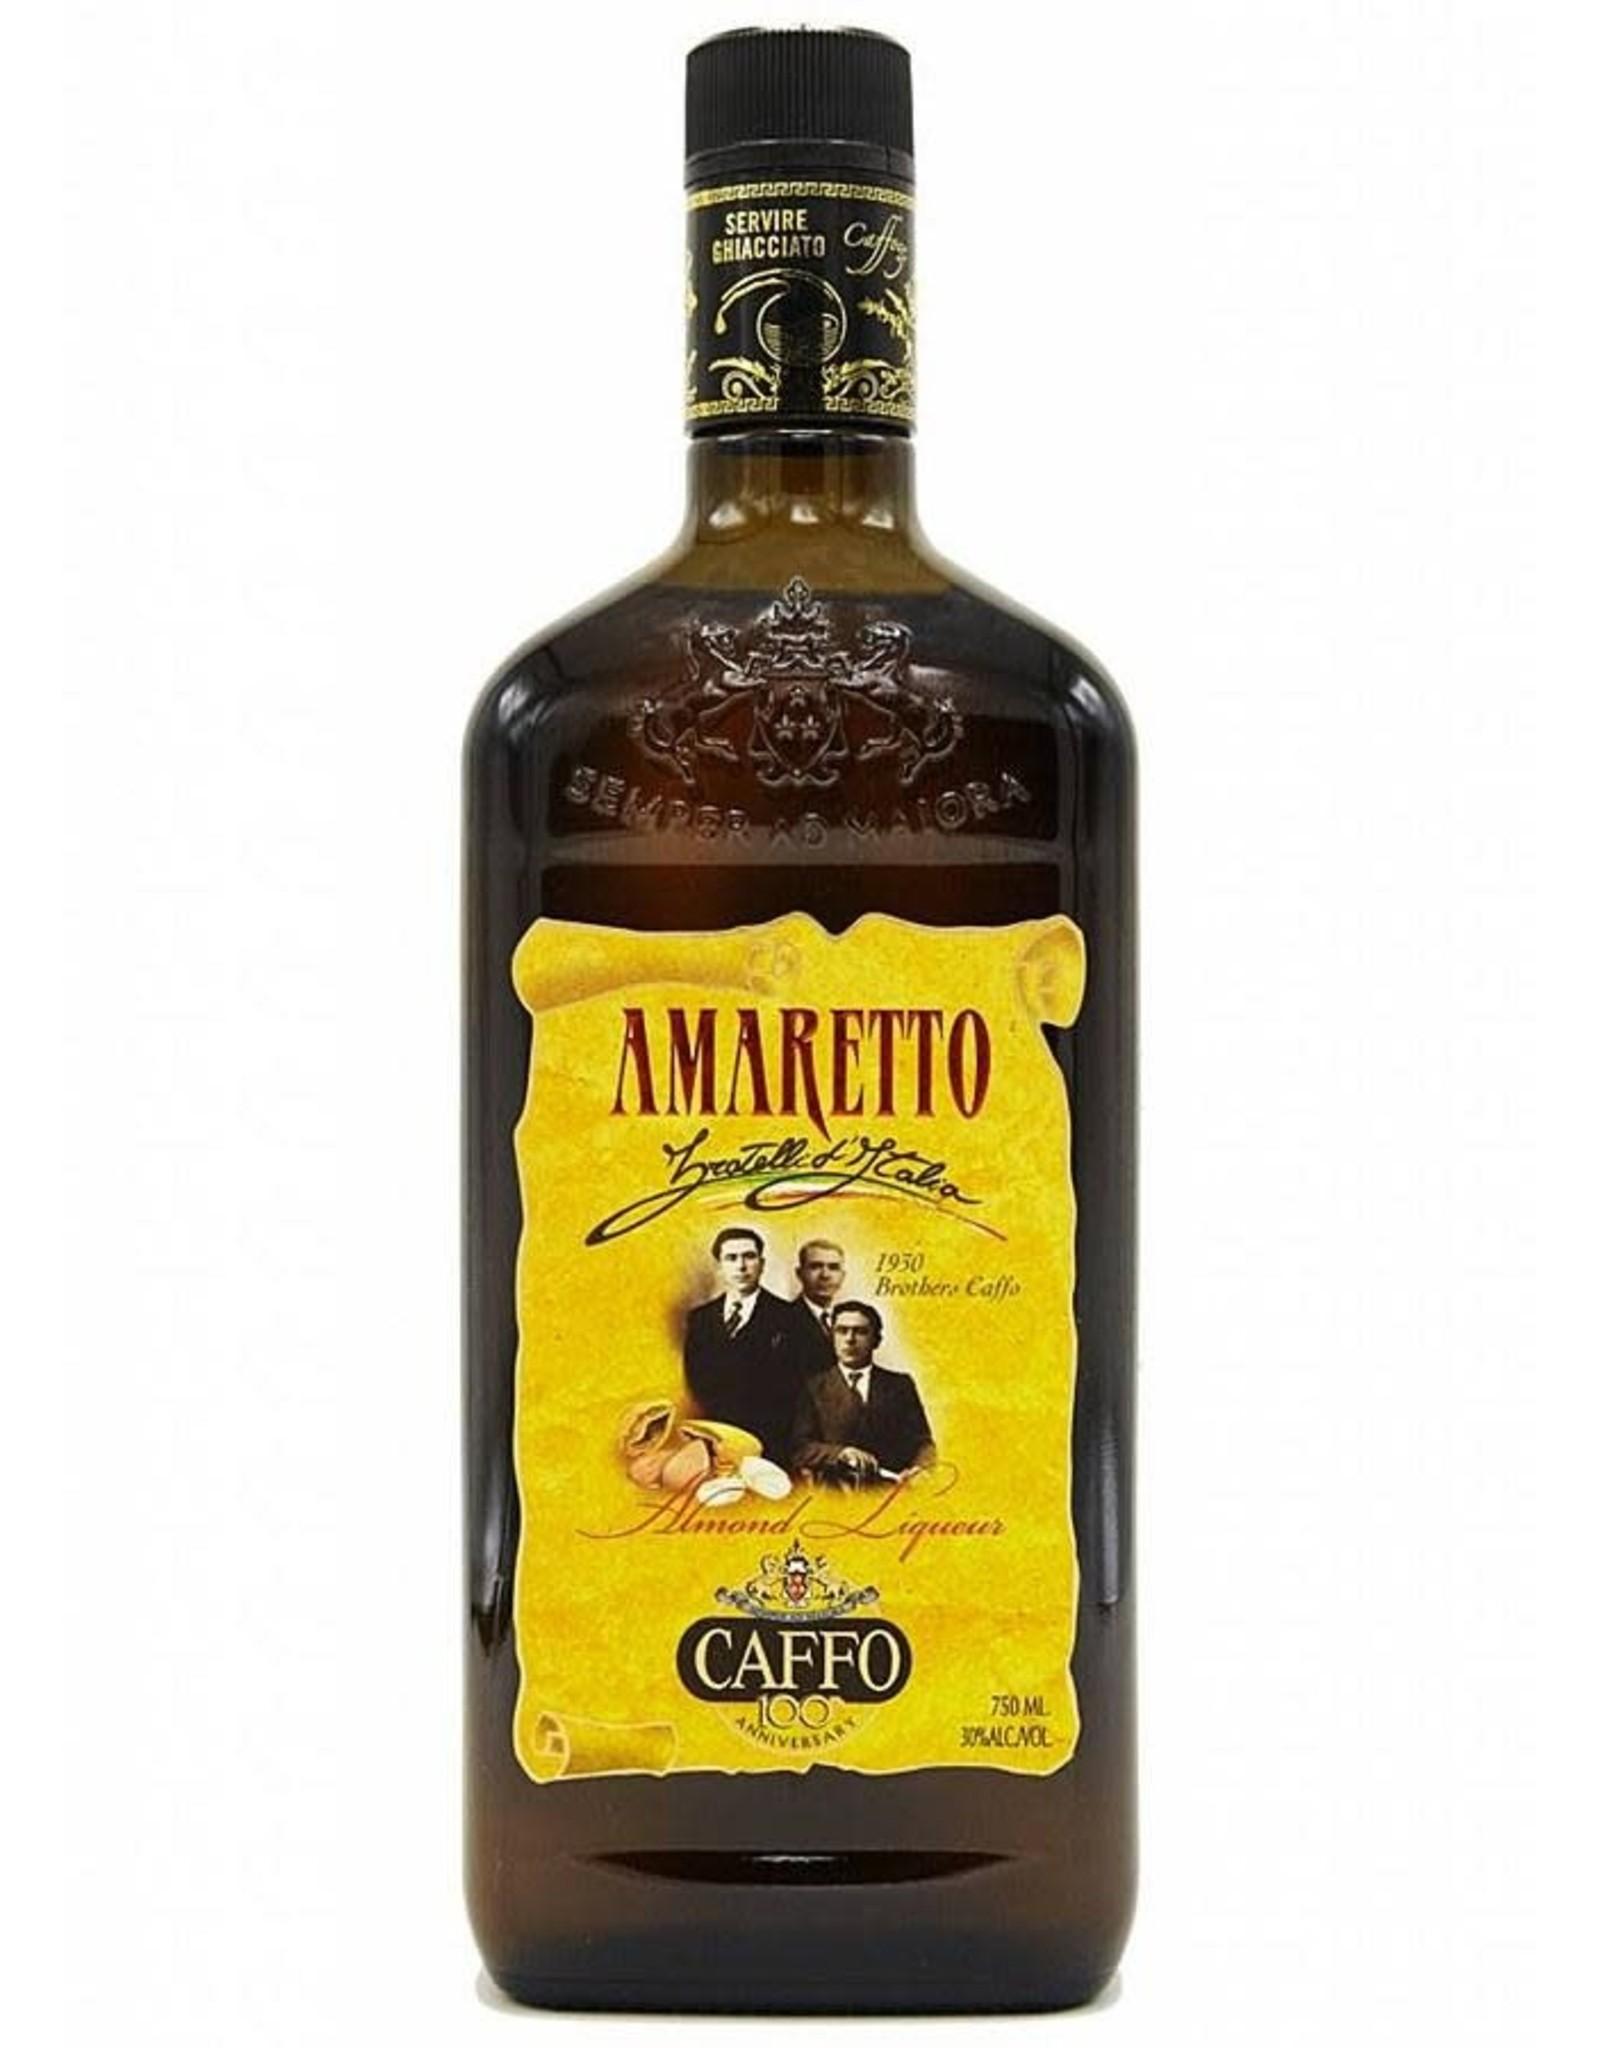 CAFFO AMARETTO FRATELLI 750ML